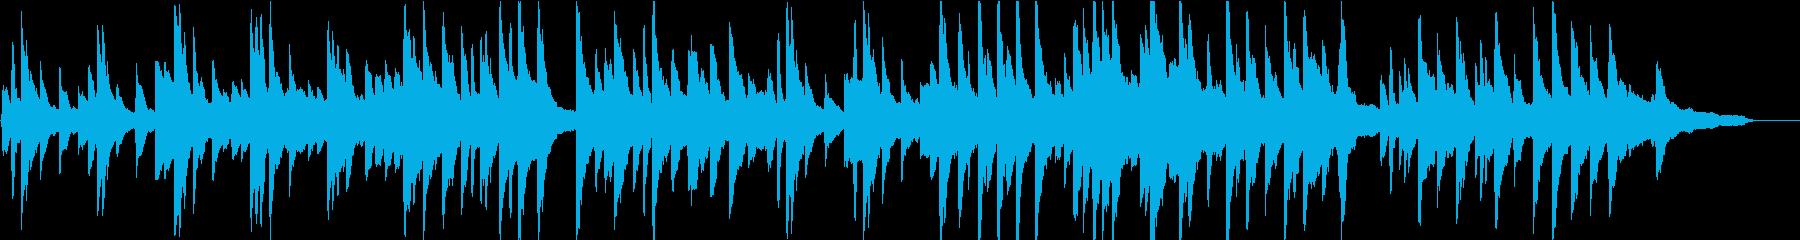 物憂げな雰囲気の切ないピアノ楽曲の再生済みの波形